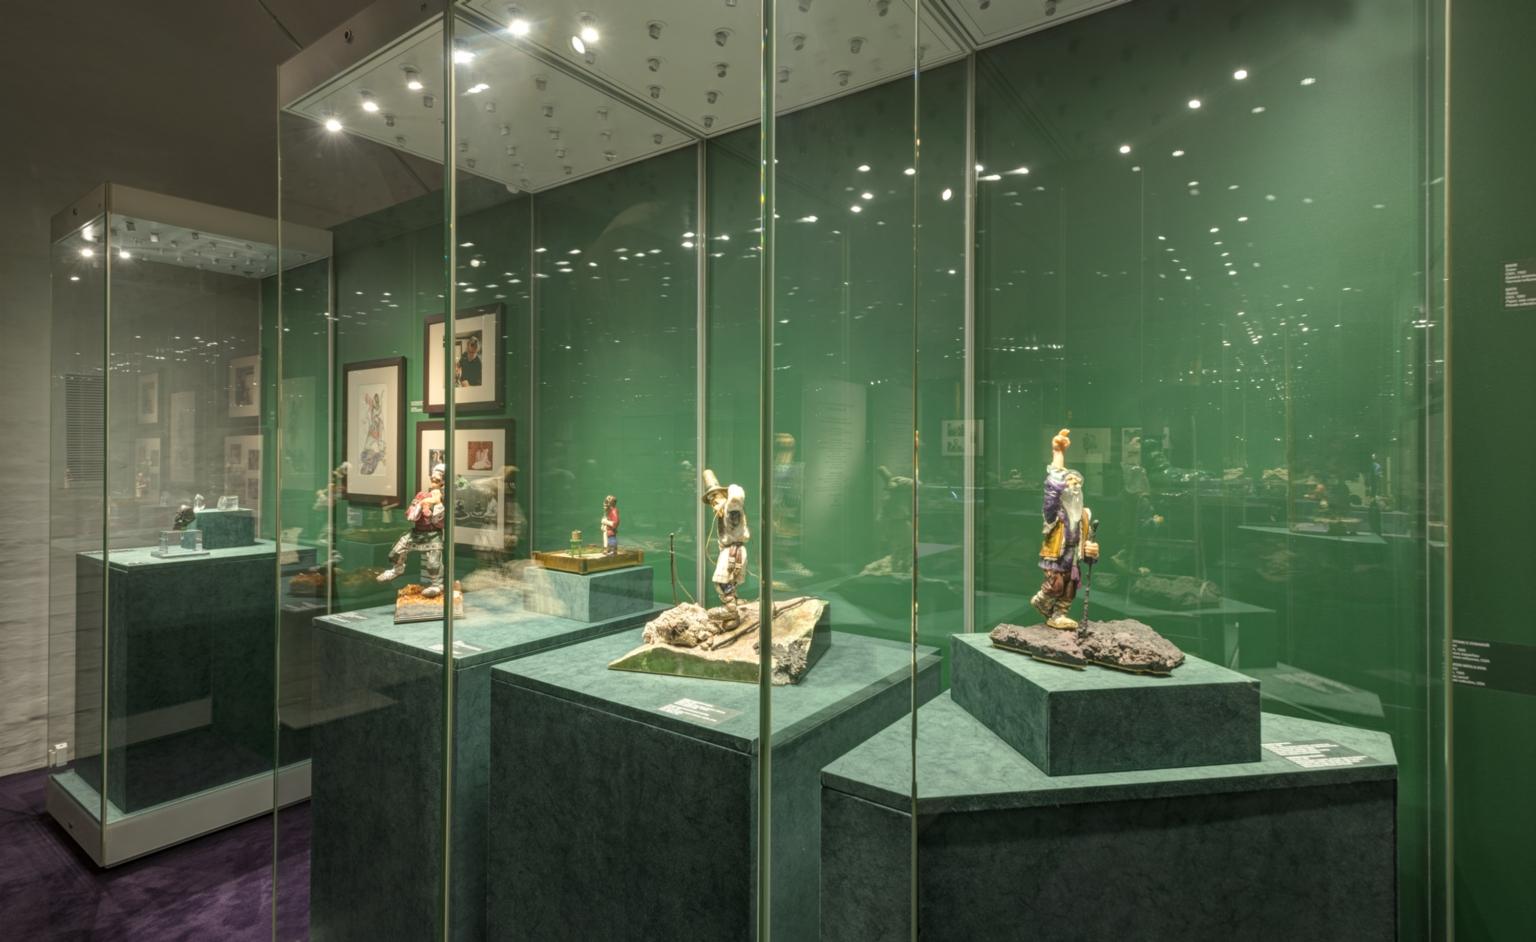 Konovalenko Exhibit in Russia